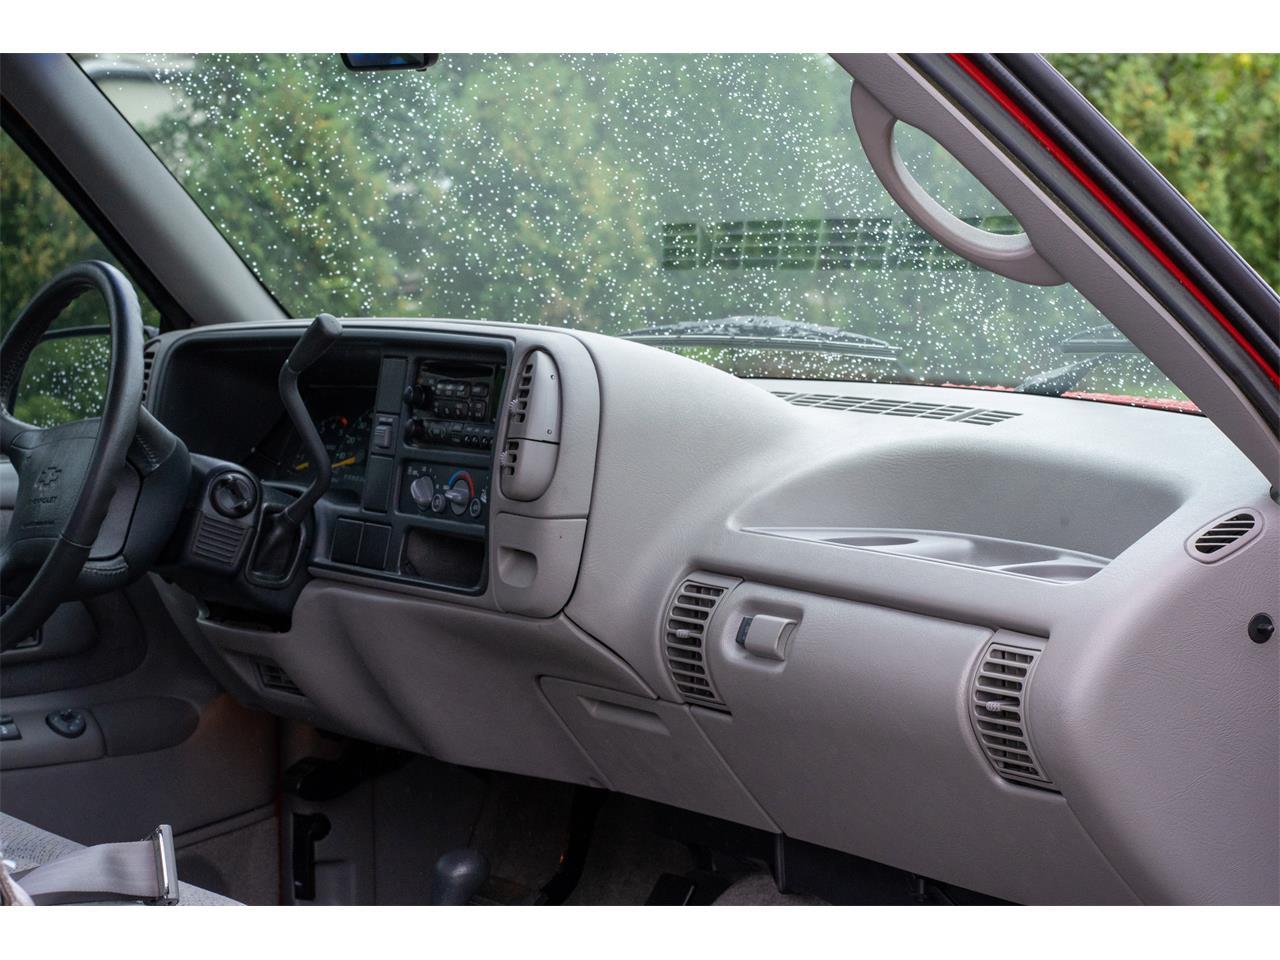 1995 Chevrolet Silverado (CC-1392592) for sale in Milford, Michigan